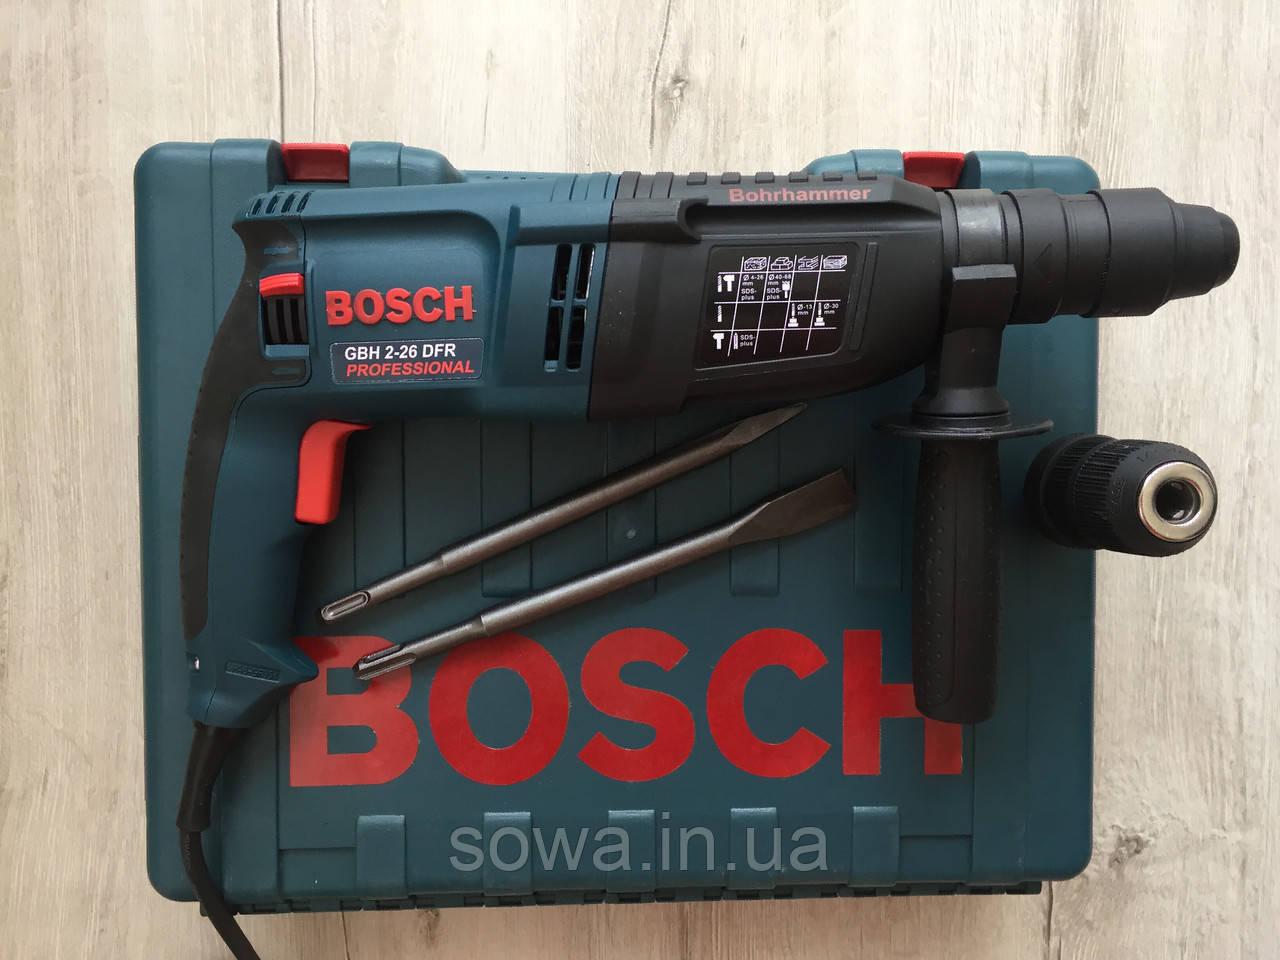 Перфоратор Bosch_ Бош GBH 2-26 DRE ( 800 Вт, 2.8 Дж, SDS-Plus ) + ПОДАРОК - фото 9